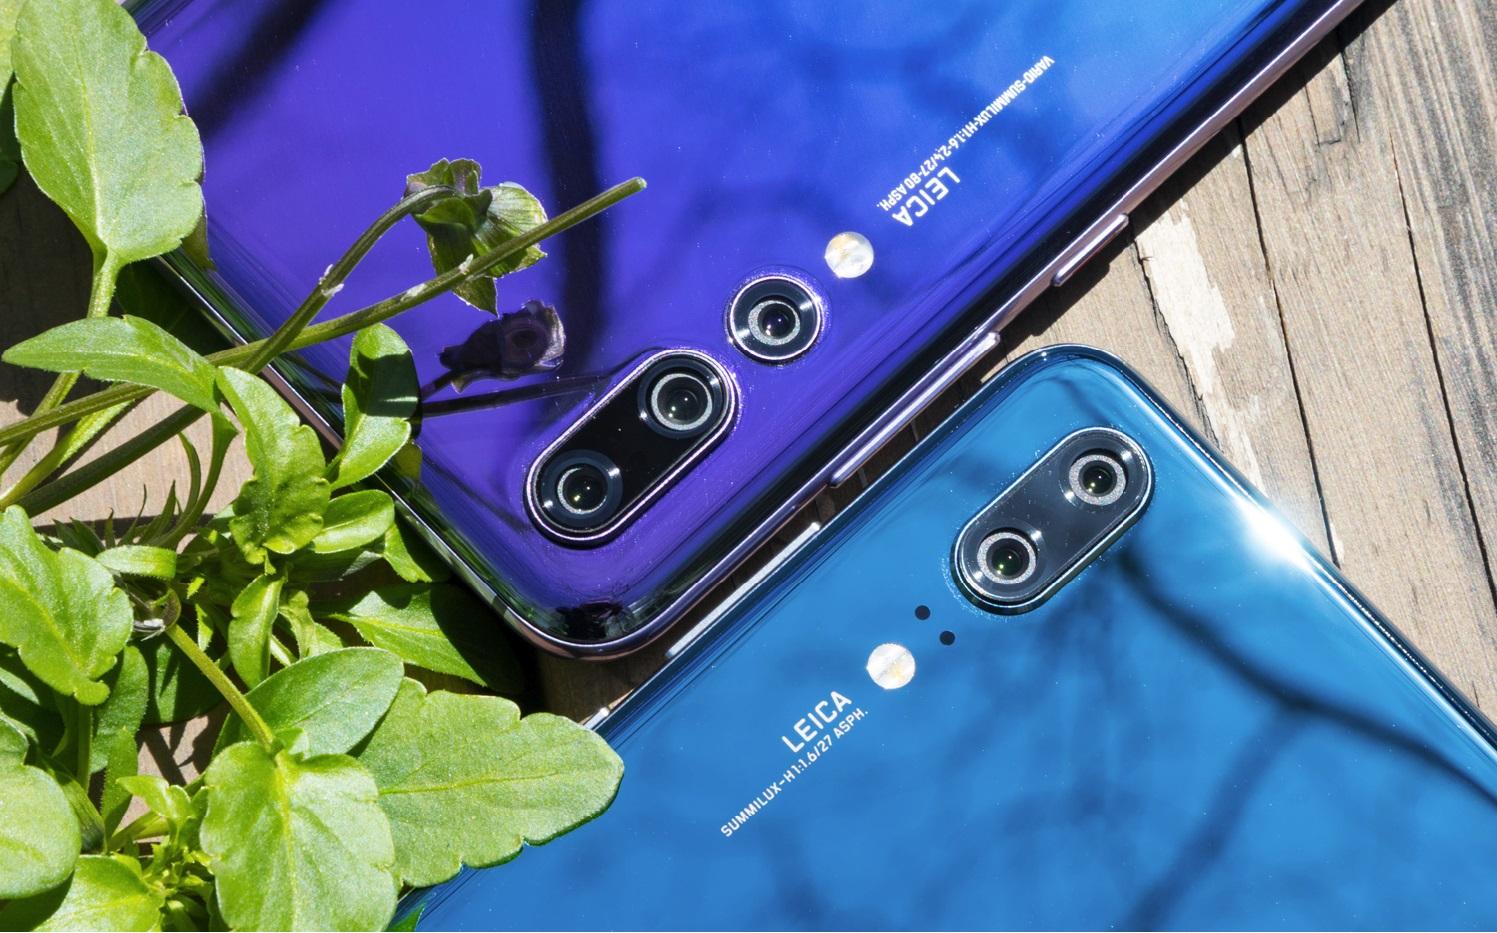 Один взгляд на последний флагман Huawei, с его трио Leica фирменных камер и необычной фиолетовой отделкой корпуса подогревает не поддельный интерес нему, именно за эти причуды.